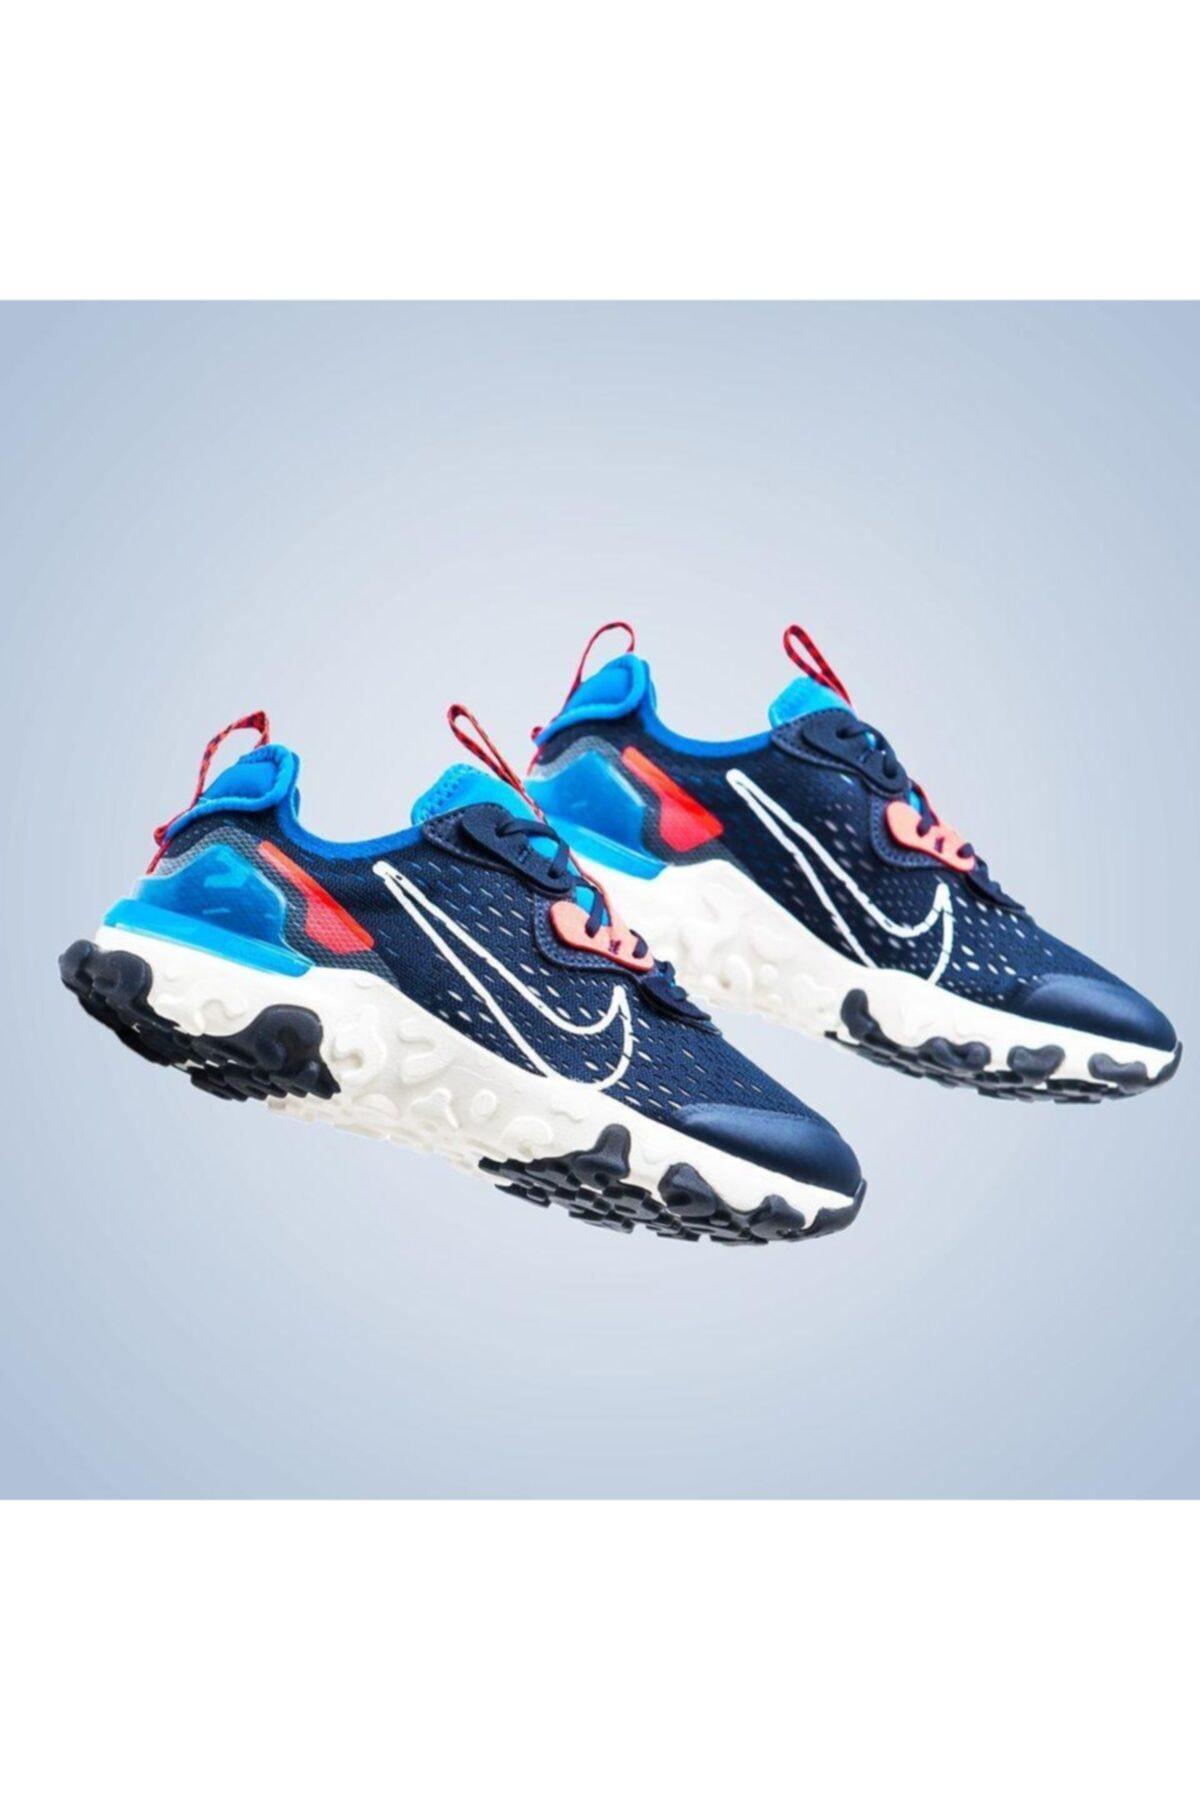 Nike React Vision Cd6888-401 Kadın Spor Ayakkabısı 2